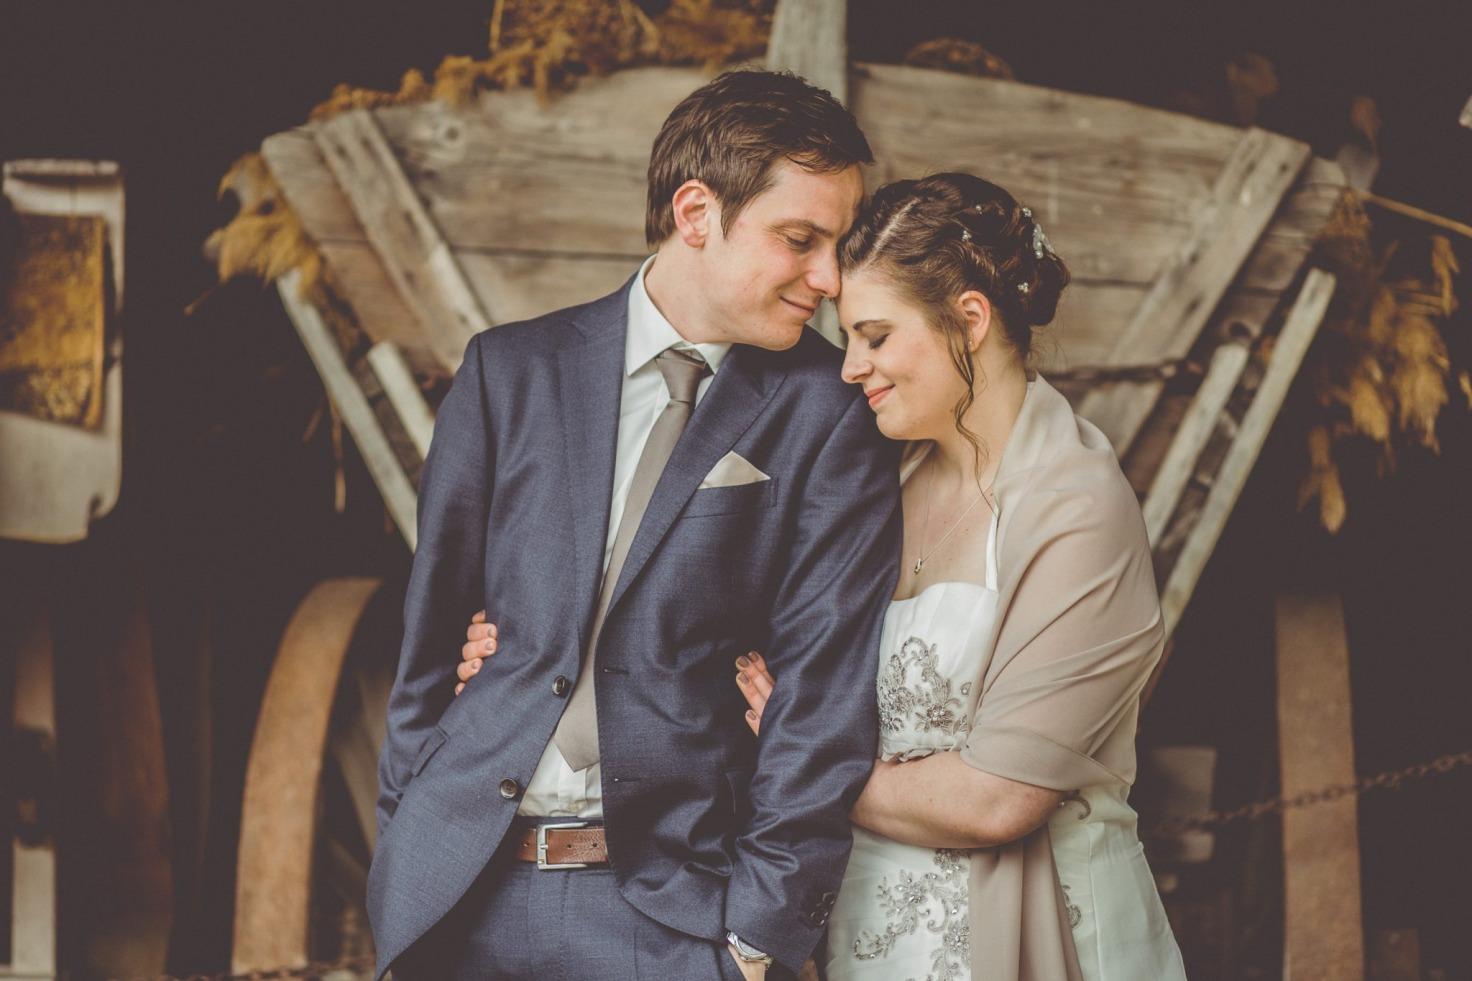 Hochzeit von Bea und Matt in Münster: Brautpaar: Brautpaar steht vor einem Holzwagen